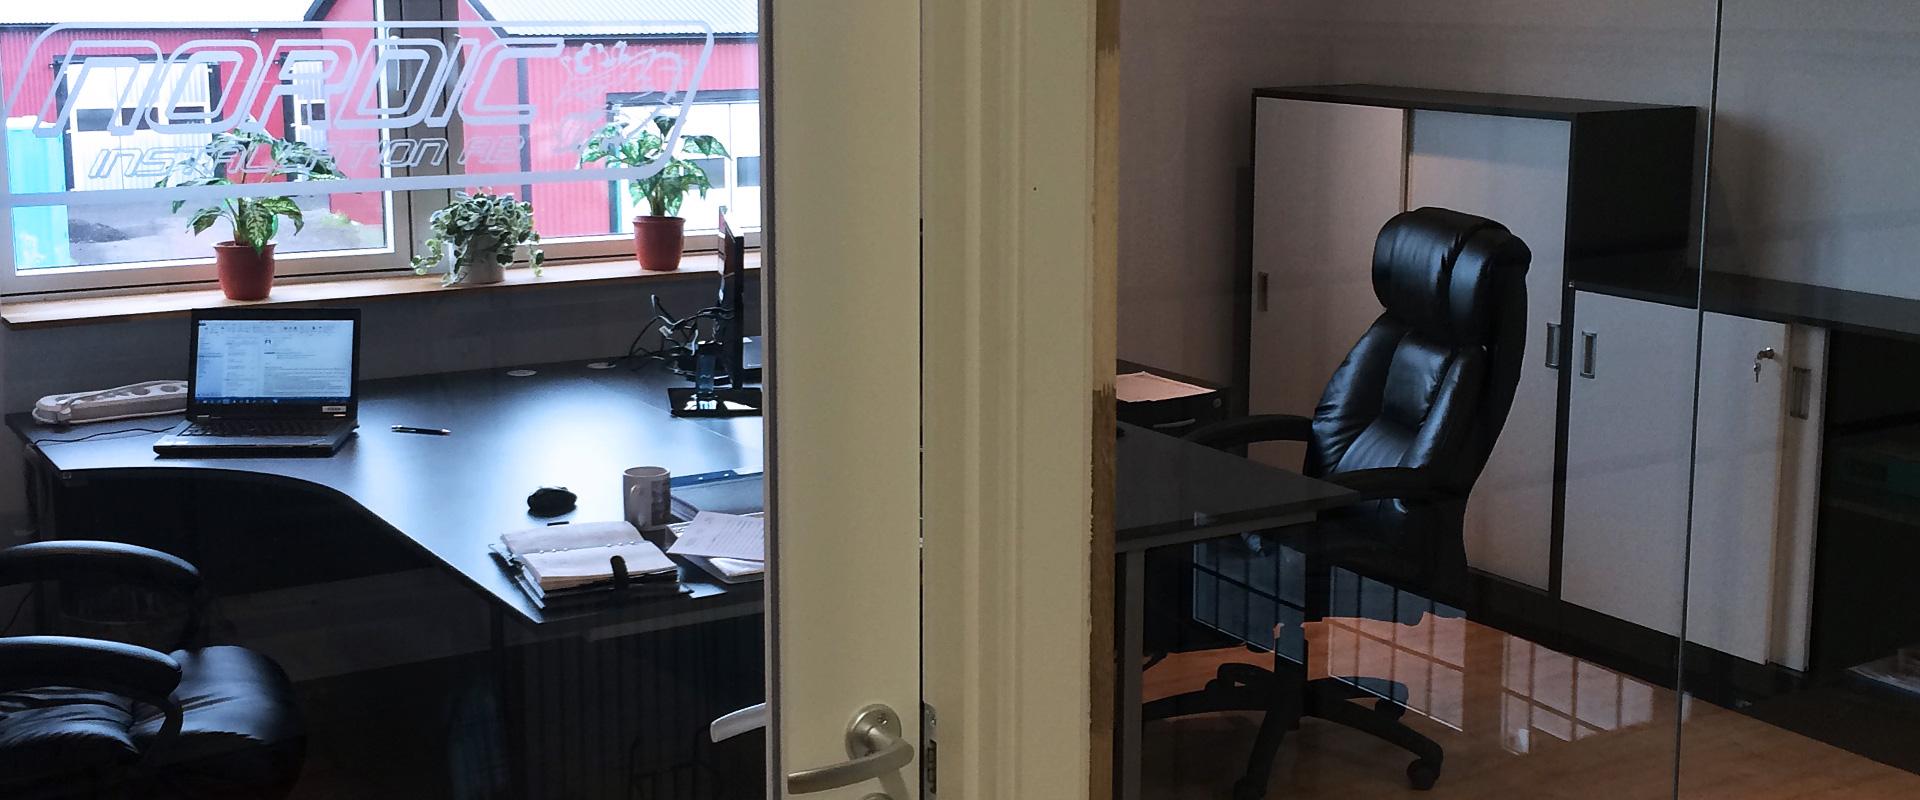 New office in Kävlinge